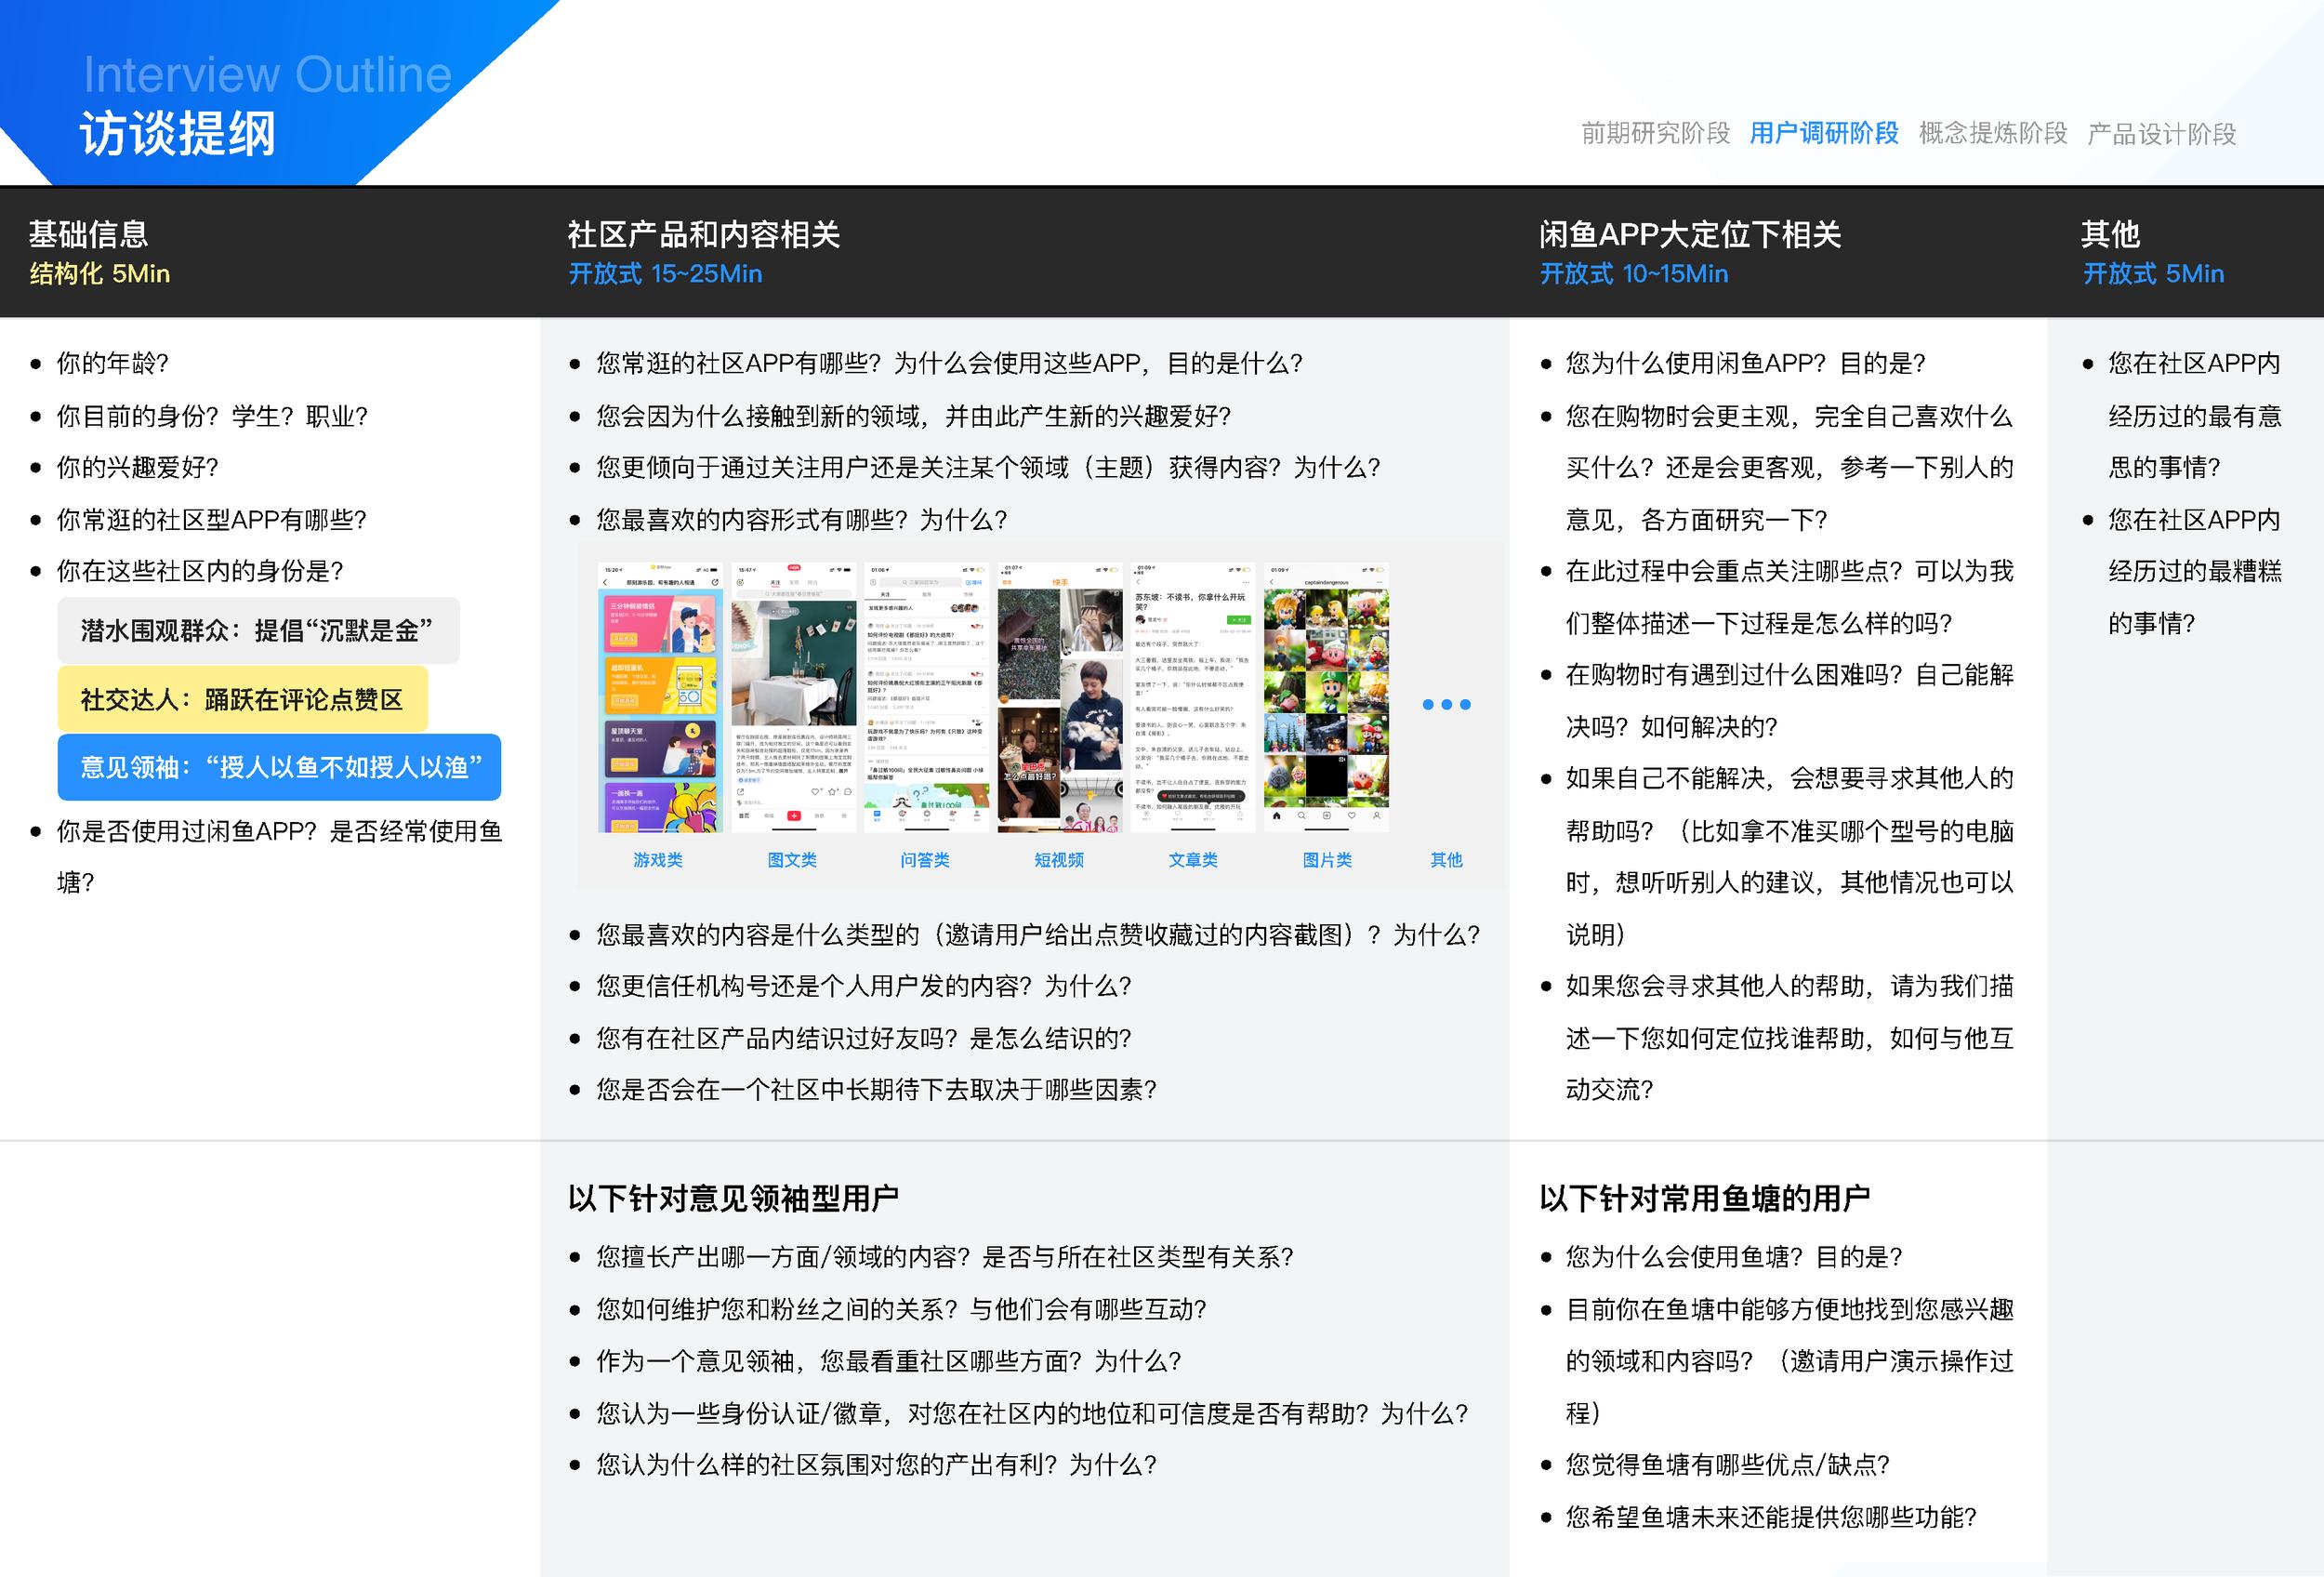 闲鱼社区互动设计(17小组油猫饼)_页面_07.png